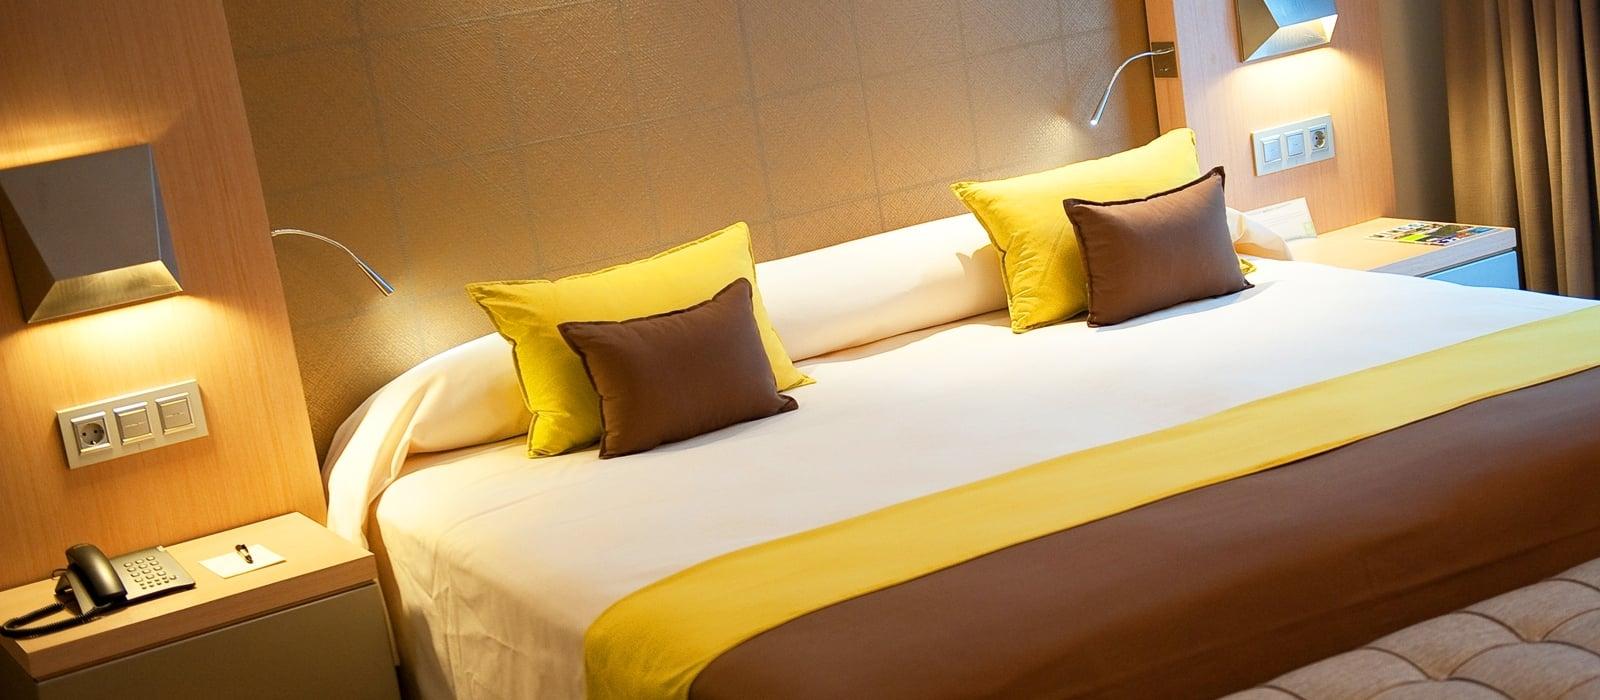 Ofertas Hotel Vincci Málaga Posada del patio - Alójate 3 noches y ahorra 10%!